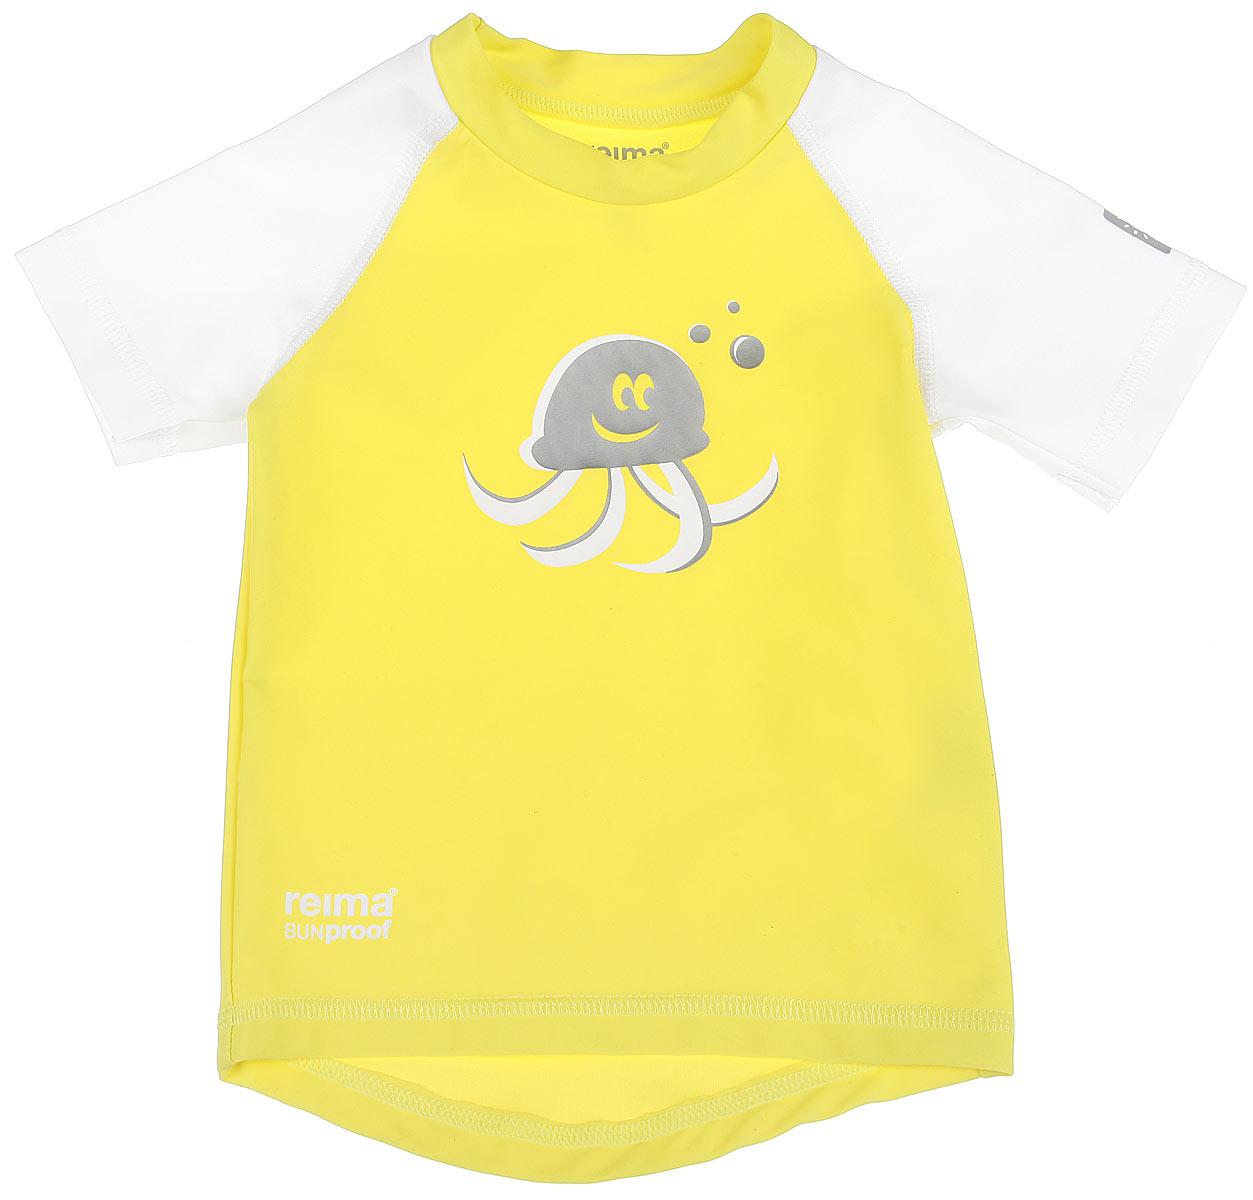 581021_2310Детская футболка Reima T-Shirt изготовлена из высококачественного быстросохнущего материала SunProof с УФ-фактором защиты 50+, который обеспечивает великолепную защиту нежной коже. Футболка предназначена для игр на солнце и в воде. Футболка с короткими рукавами-реглан и круглым вырезом горловины оформлена термоаппликацией с изображением осьминога. Спинка модели удлинена, что обеспечивает защиту, как в воде, так и на песке. Такая футболка, несомненно, понравится вашему ребенку и послужит отличным дополнением к детскому гардеробу!